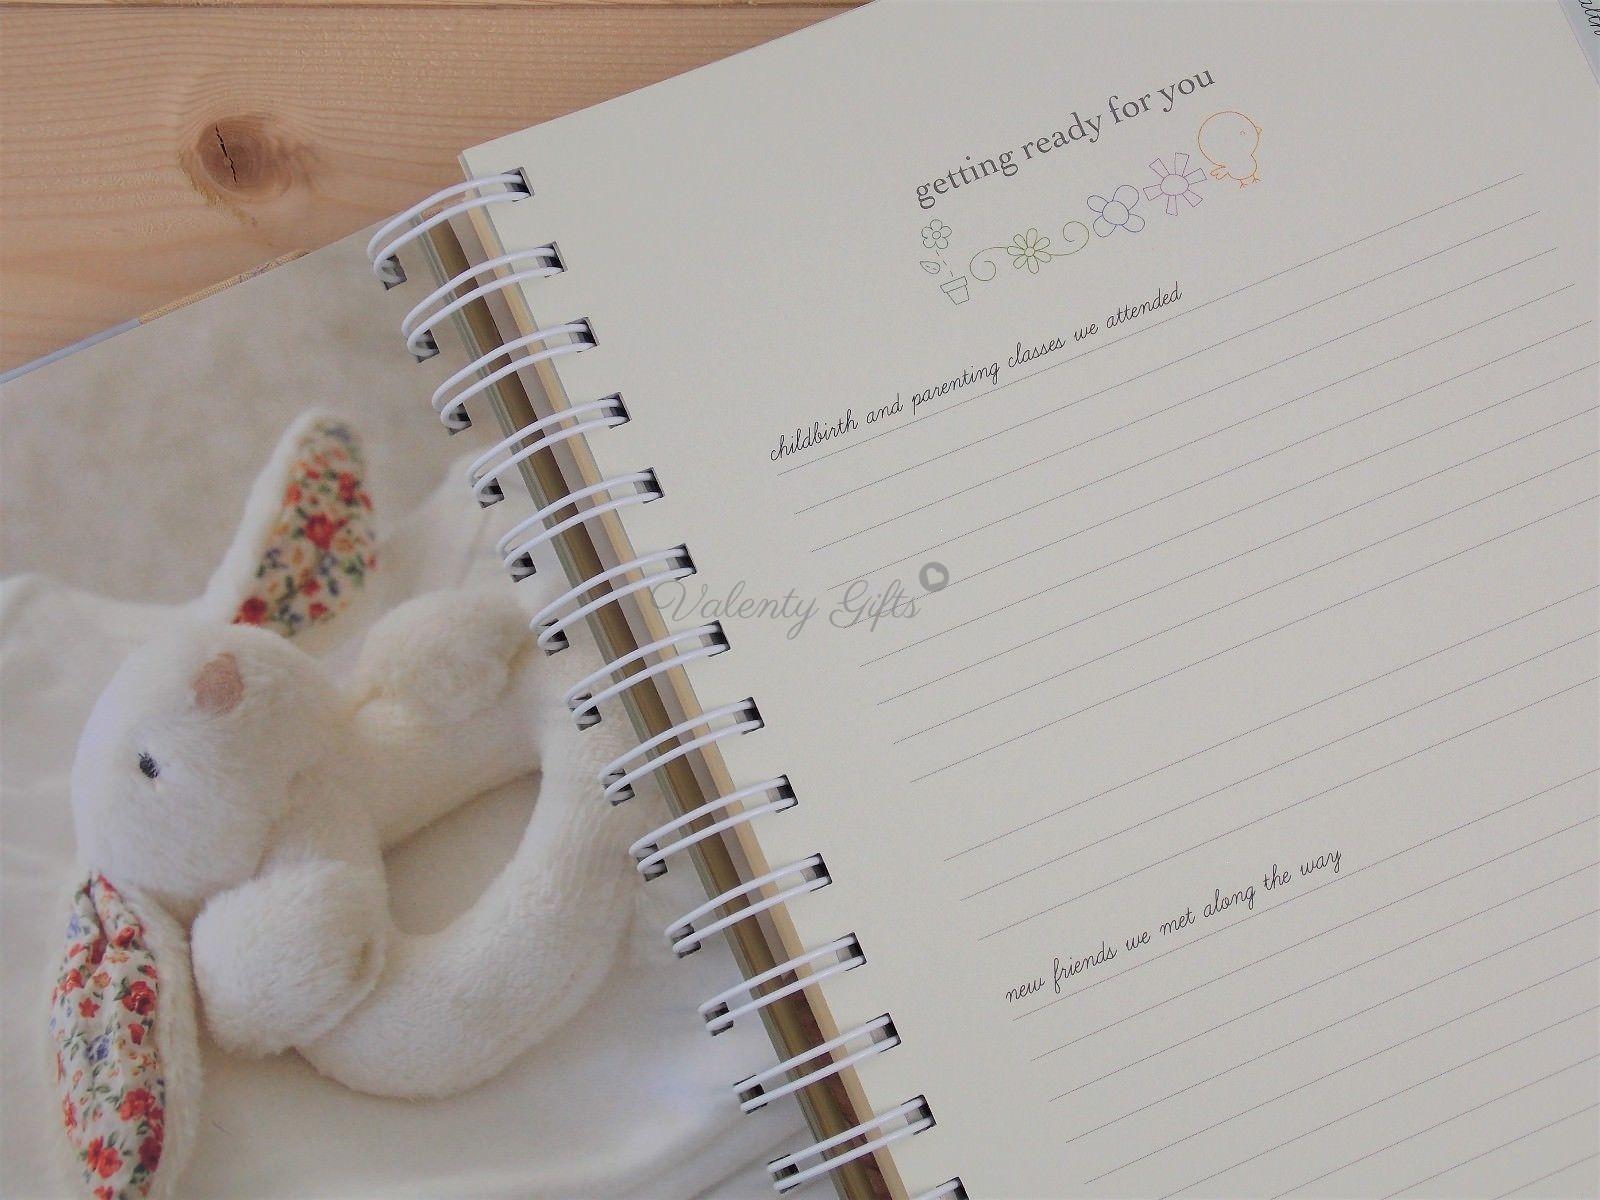 Страници от дневник за бебето на спирала